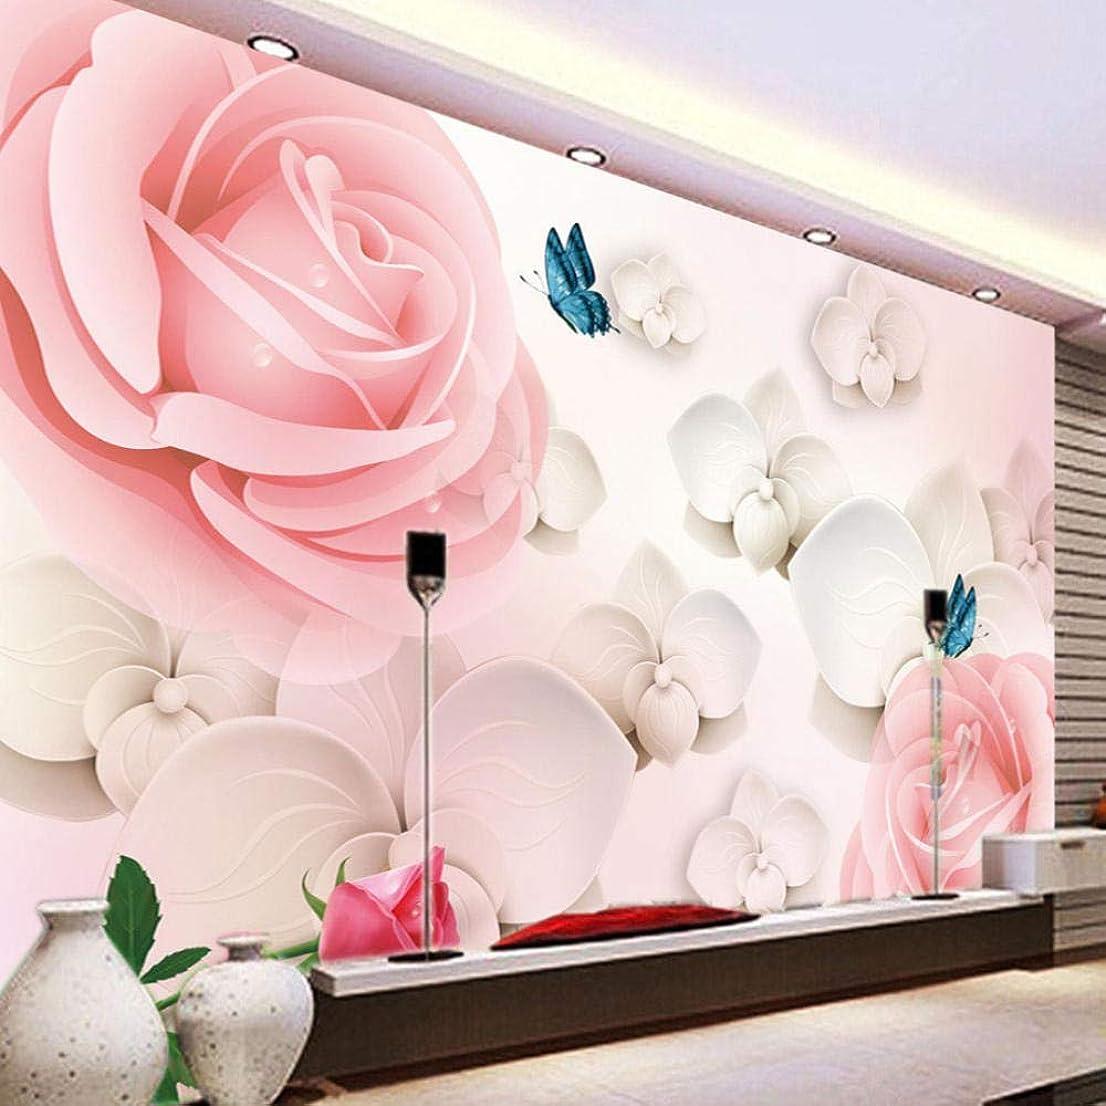 ハリウッド混乱させるピッチLjjlm 3D Hd大壁画ピンクローズ写真壁紙風景用壁結婚式の家ロマンチックな壁紙家の装飾?-260X180CM